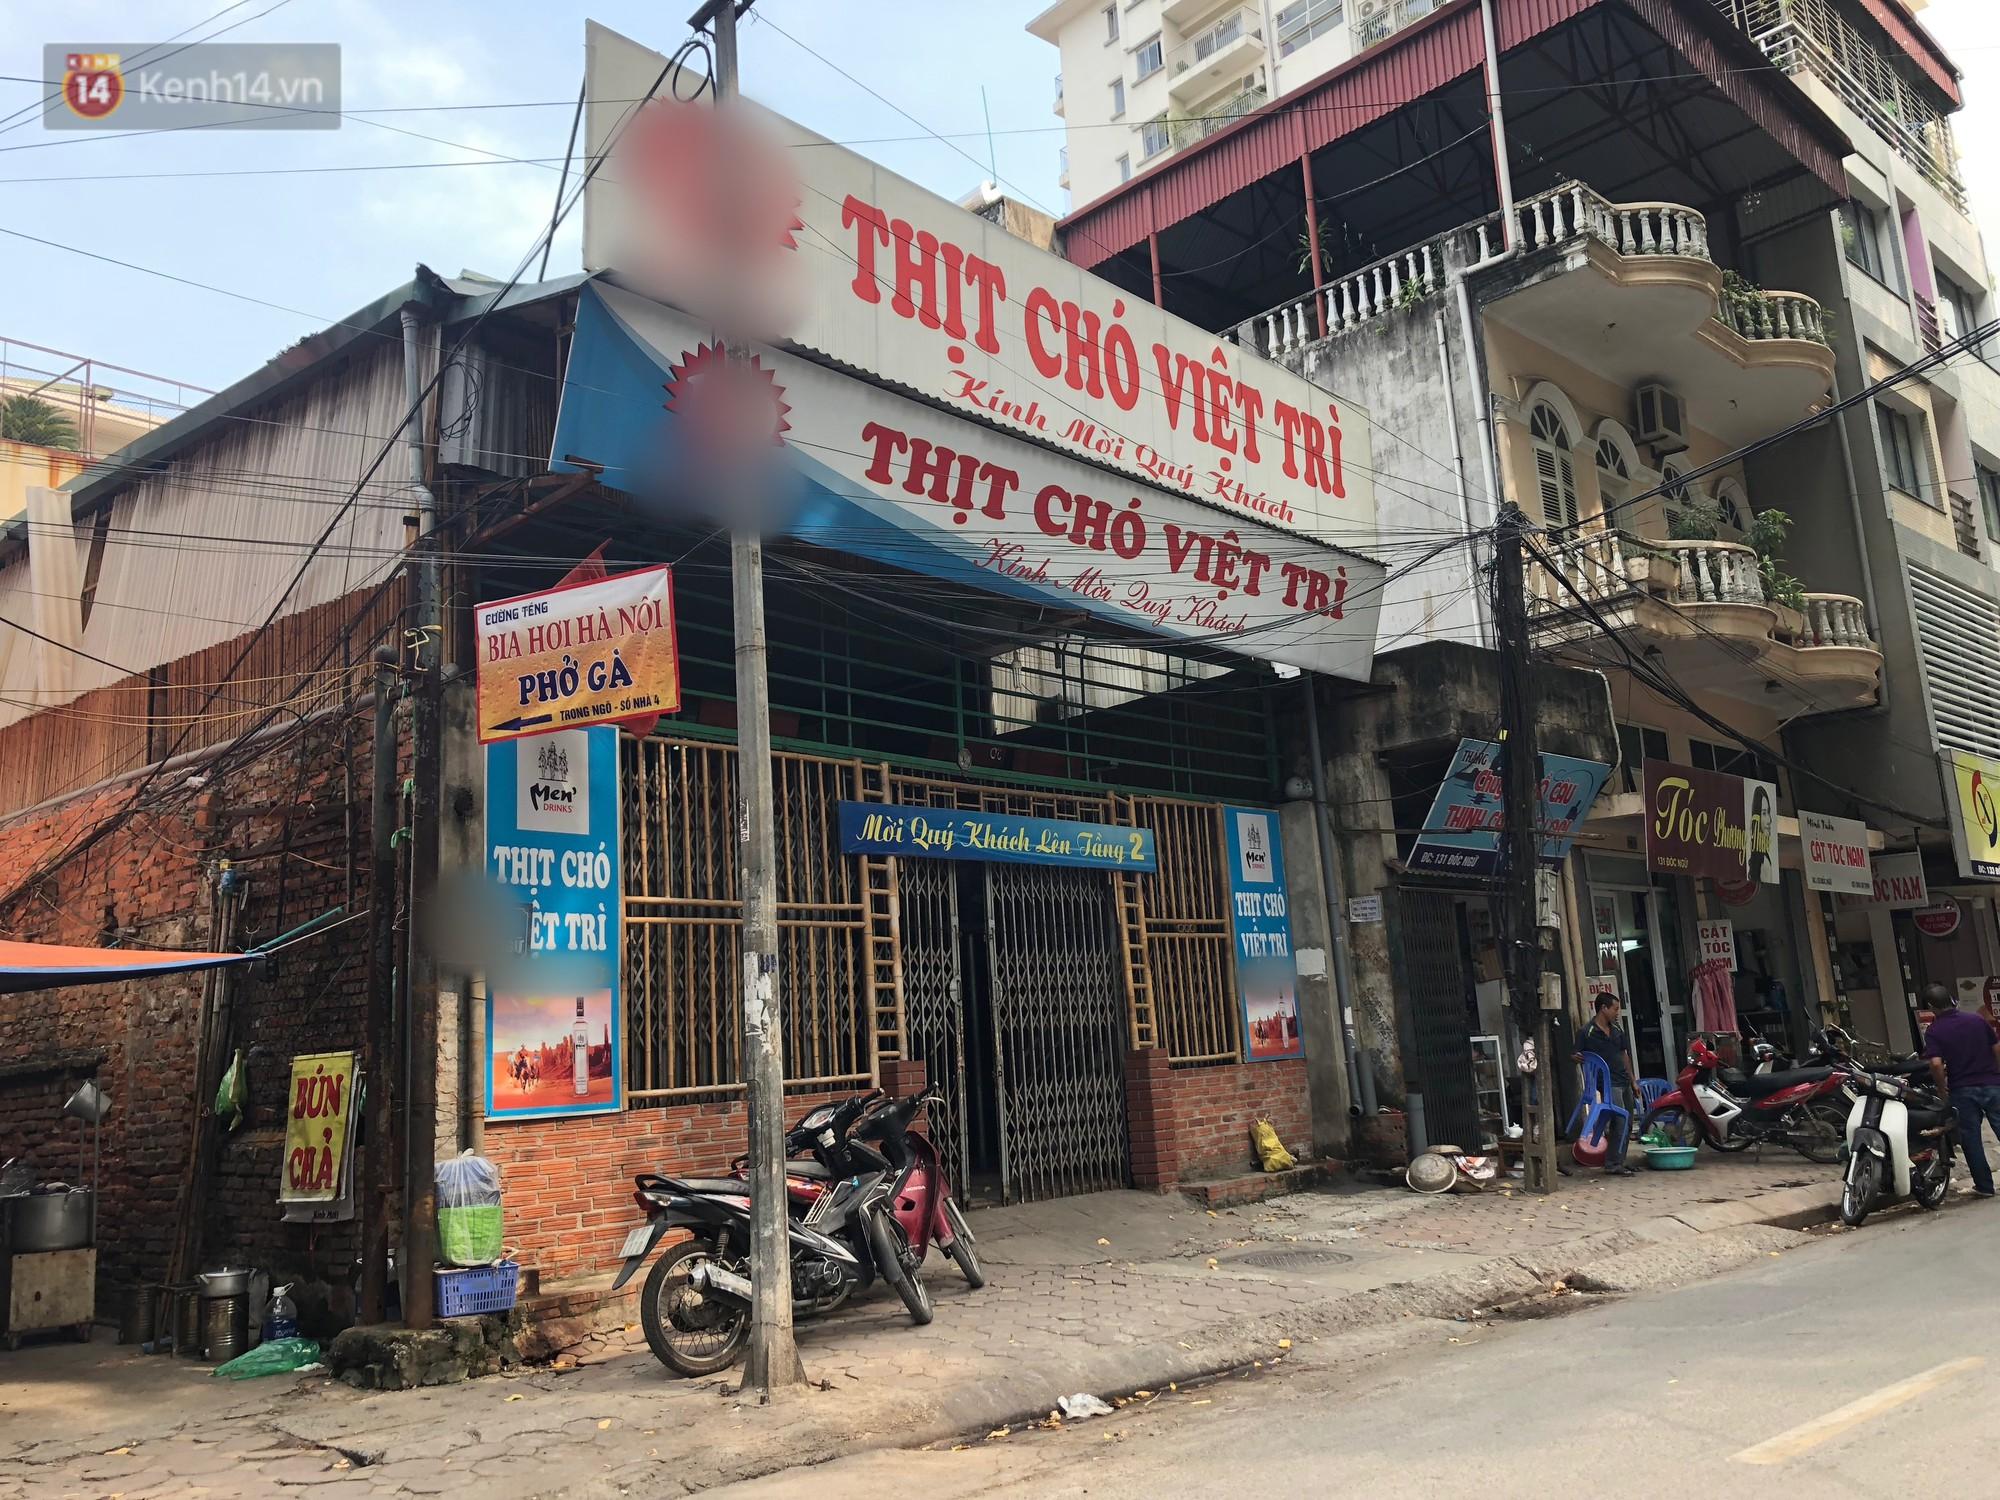 Người Hà Nội nói về việc thành phố muốn người dân từ bỏ thói quen ăn thịt chó: Yêu và ăn là 2 chuyện khác nhau - Ảnh 3.